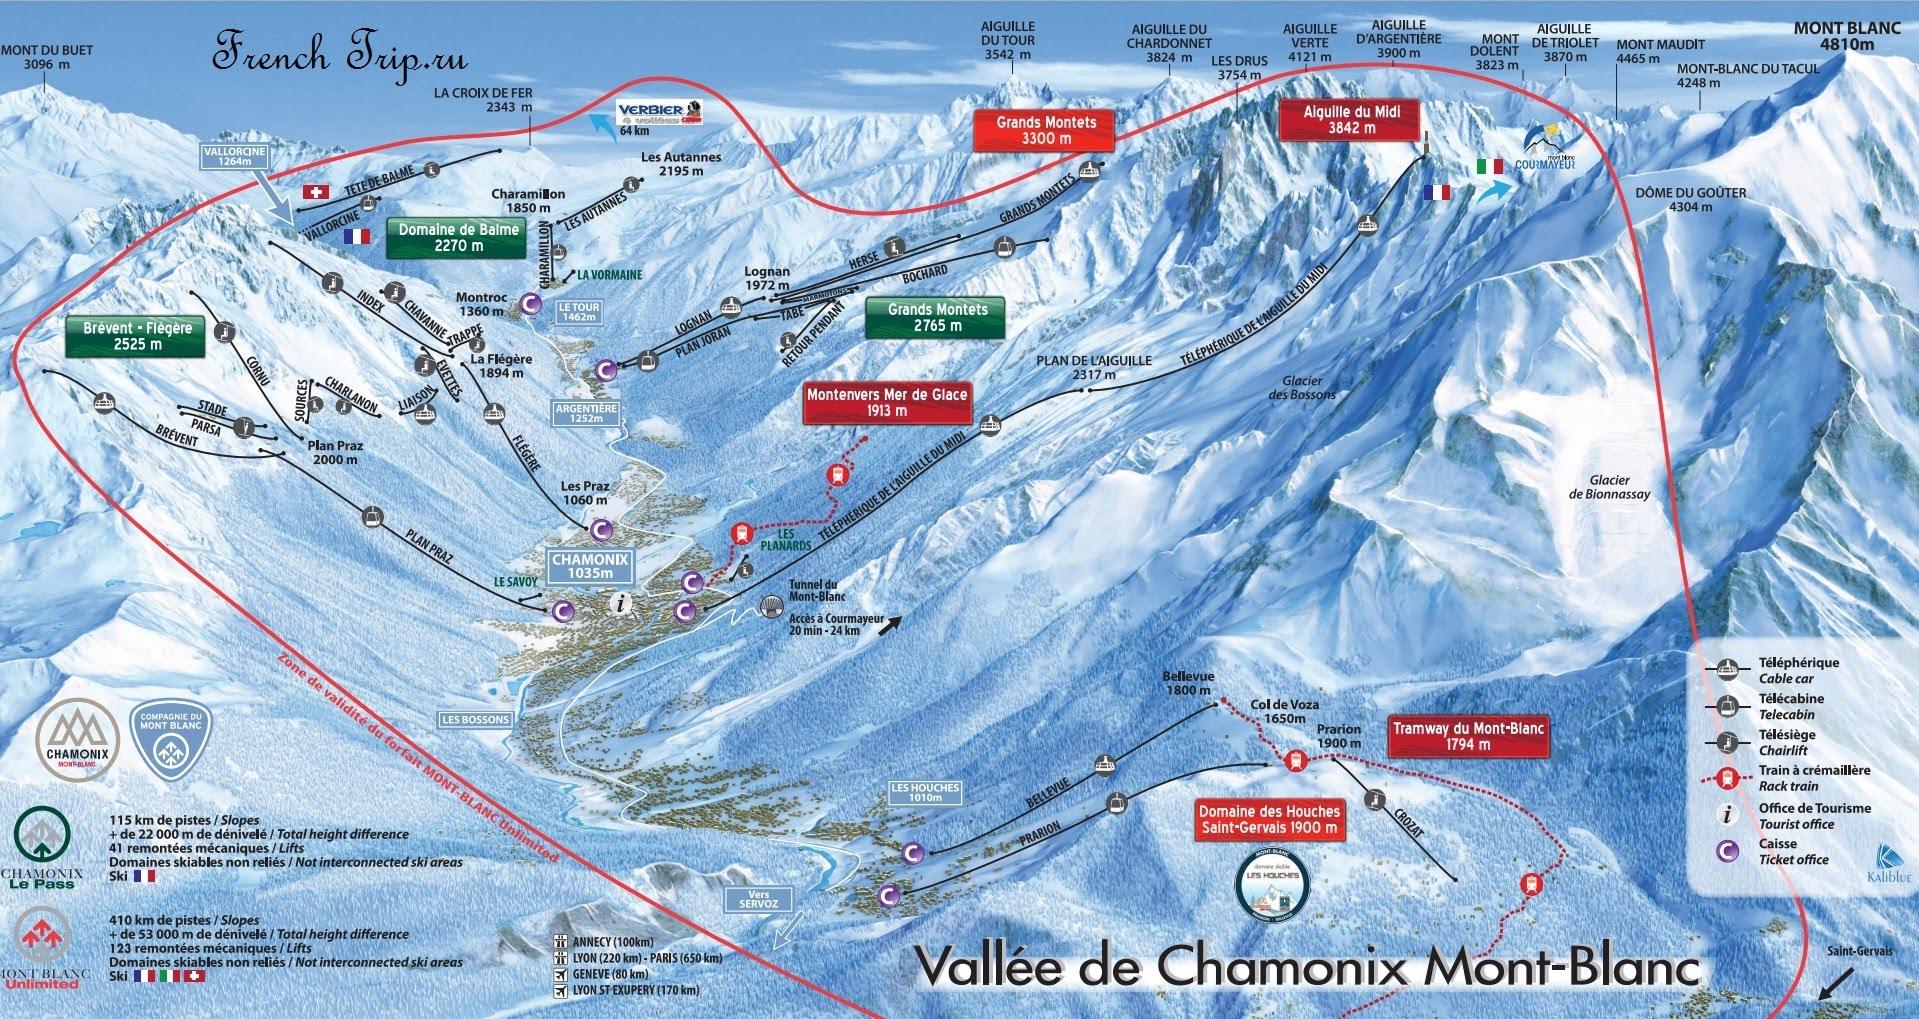 Горнолыжный курорт Шамони-Монблан: зоны катания на горных лыжах